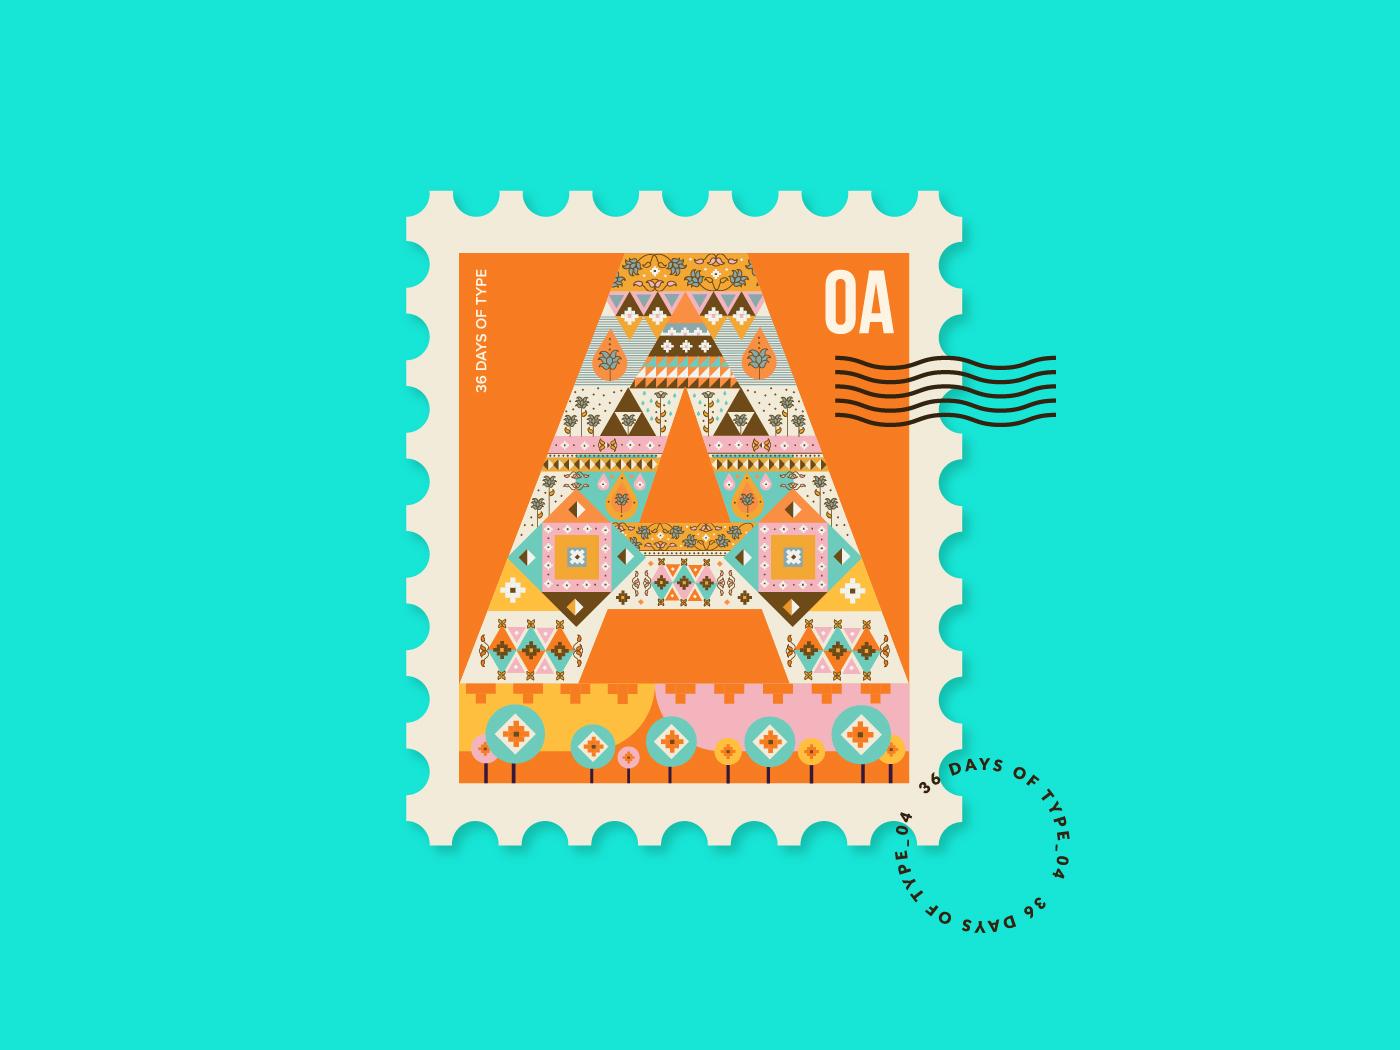 国外创意英文字母邮票插图设计欣赏 – 36 Days of Type Stamp Collection,所属类别:邮票、插画